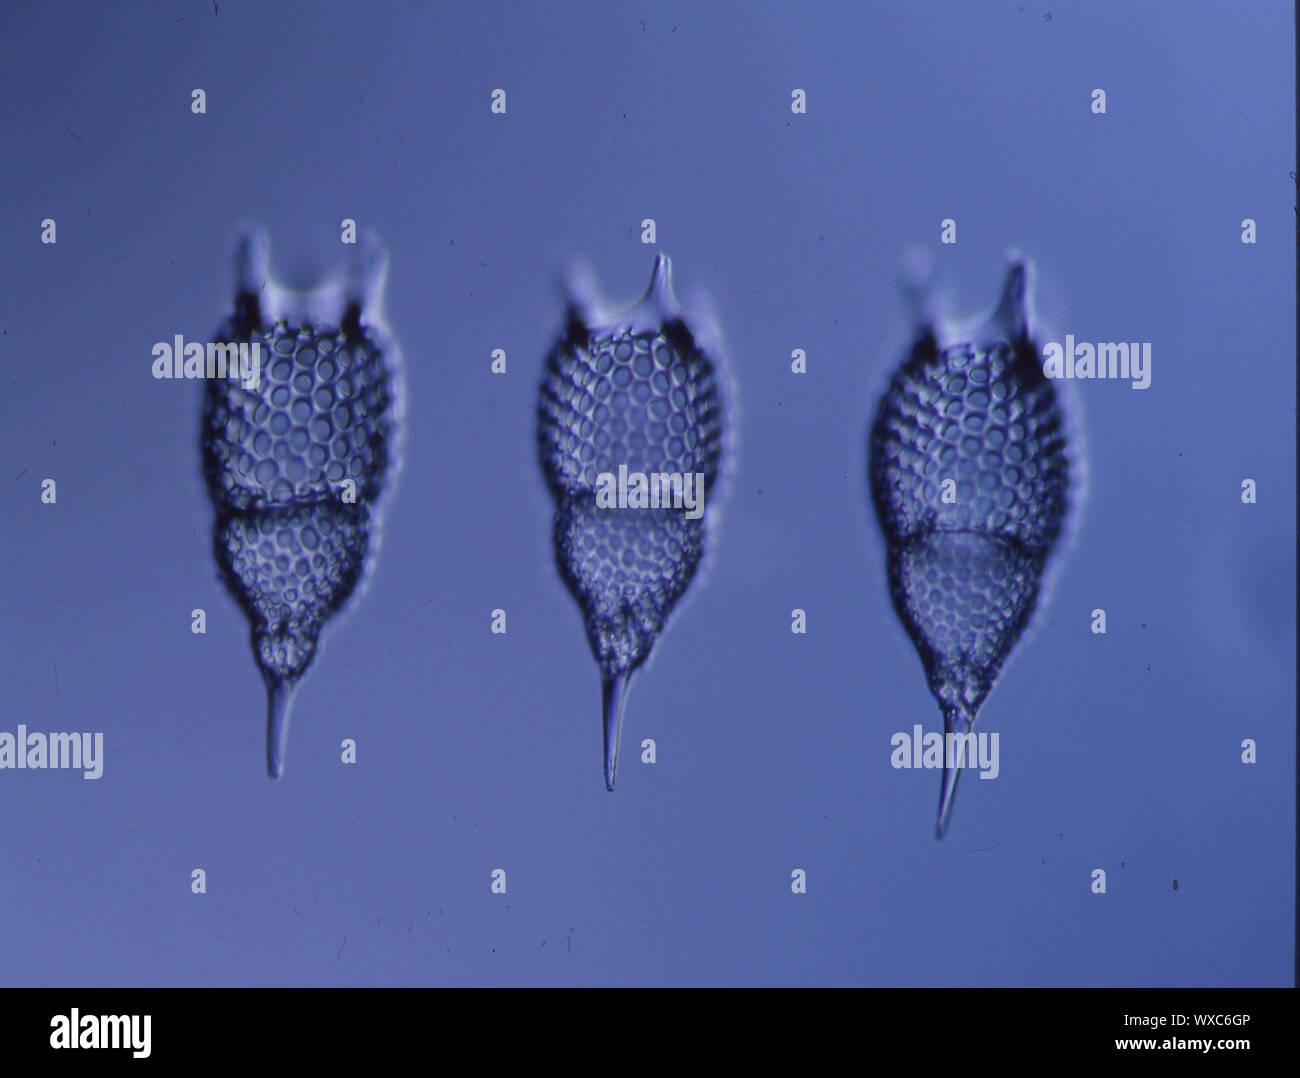 Radiolaires de la mer sous le microscope 100x Banque D'Images